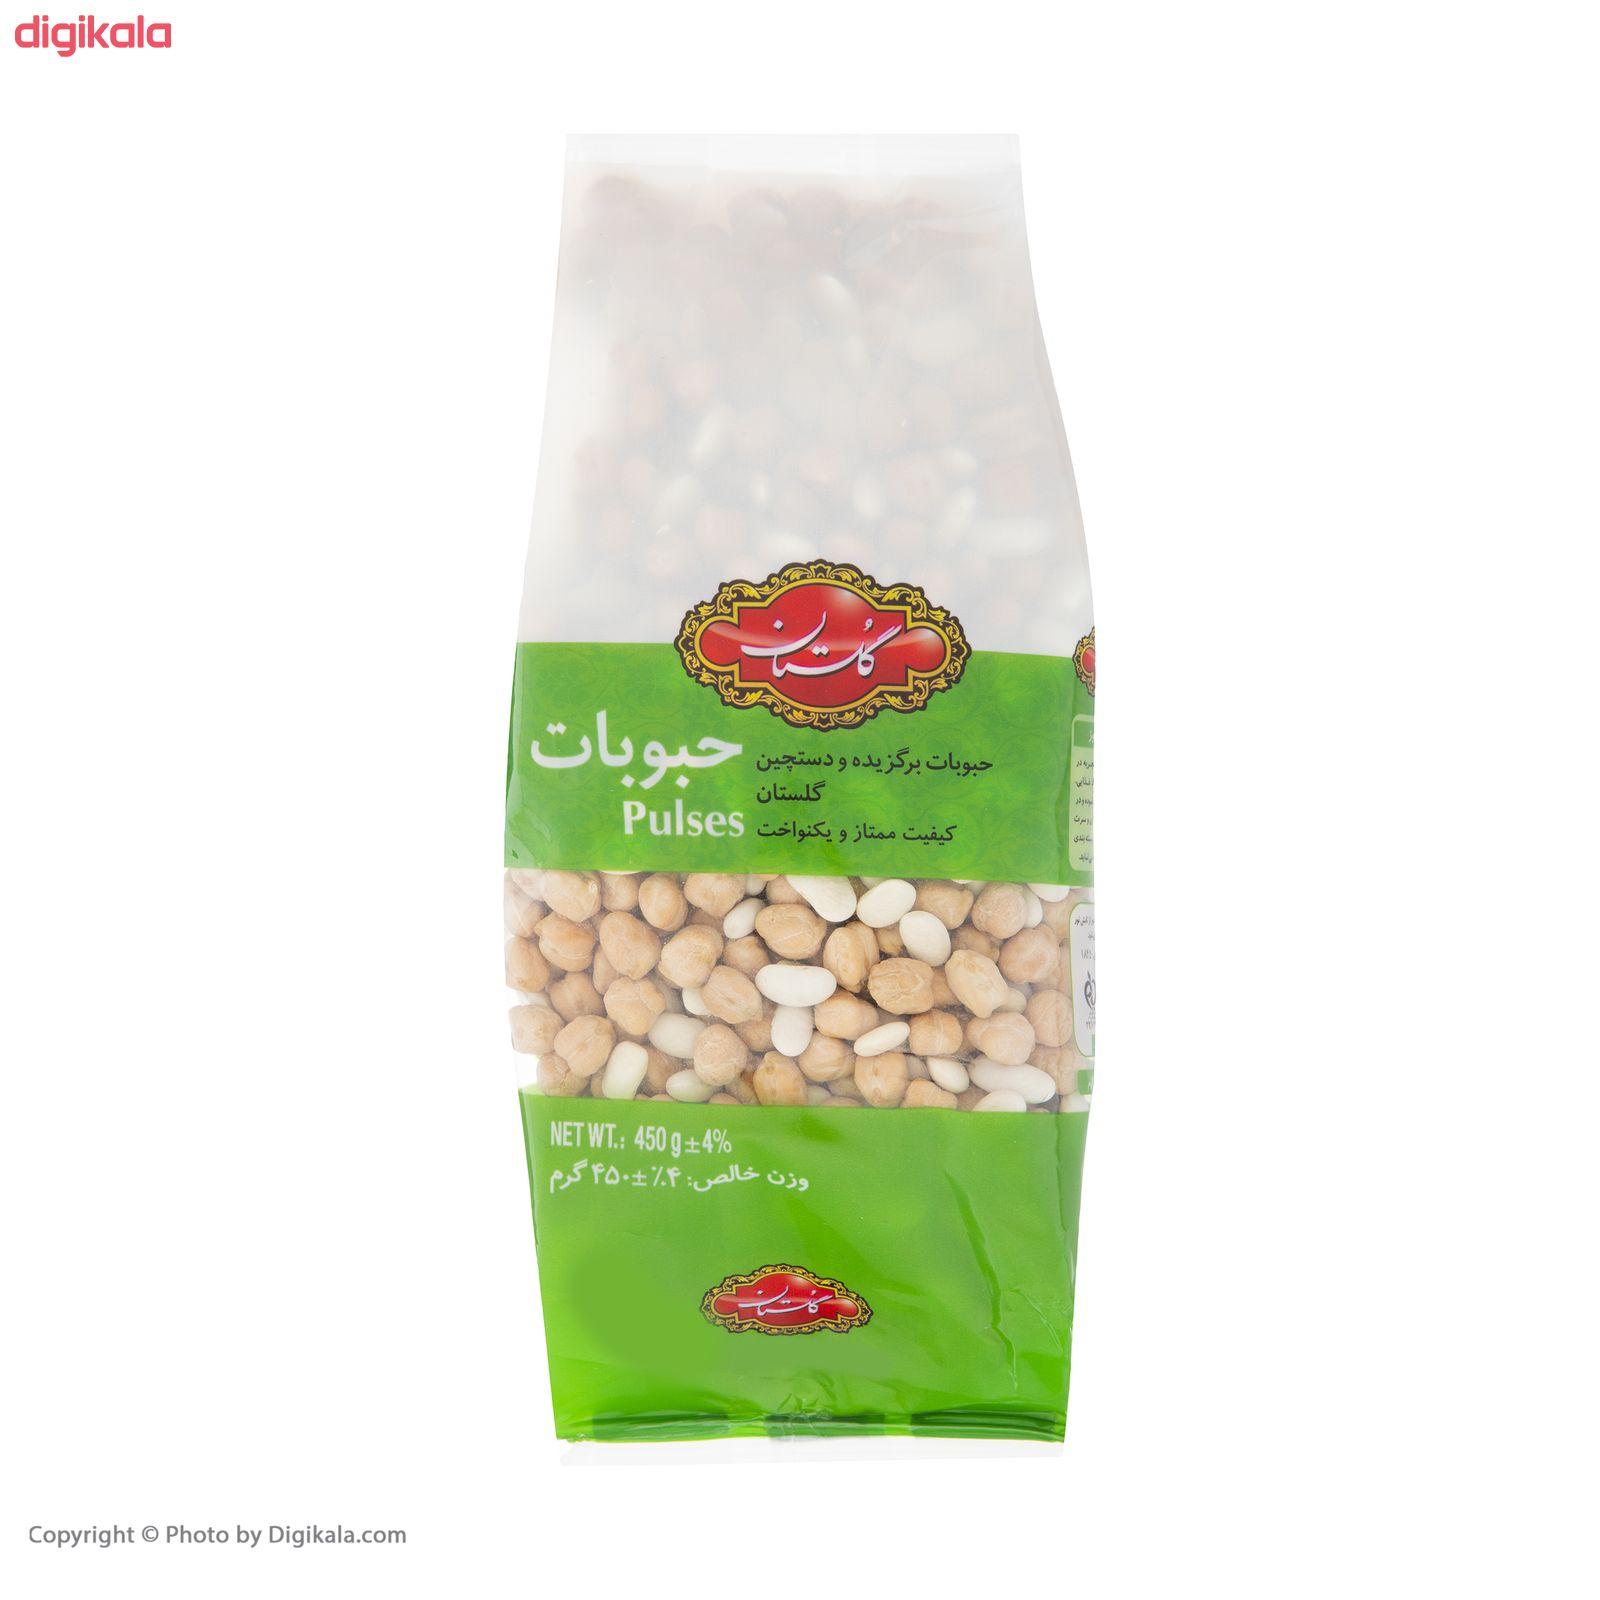 نخود و لوبیا گلستان مقدار  450 گرم main 1 3